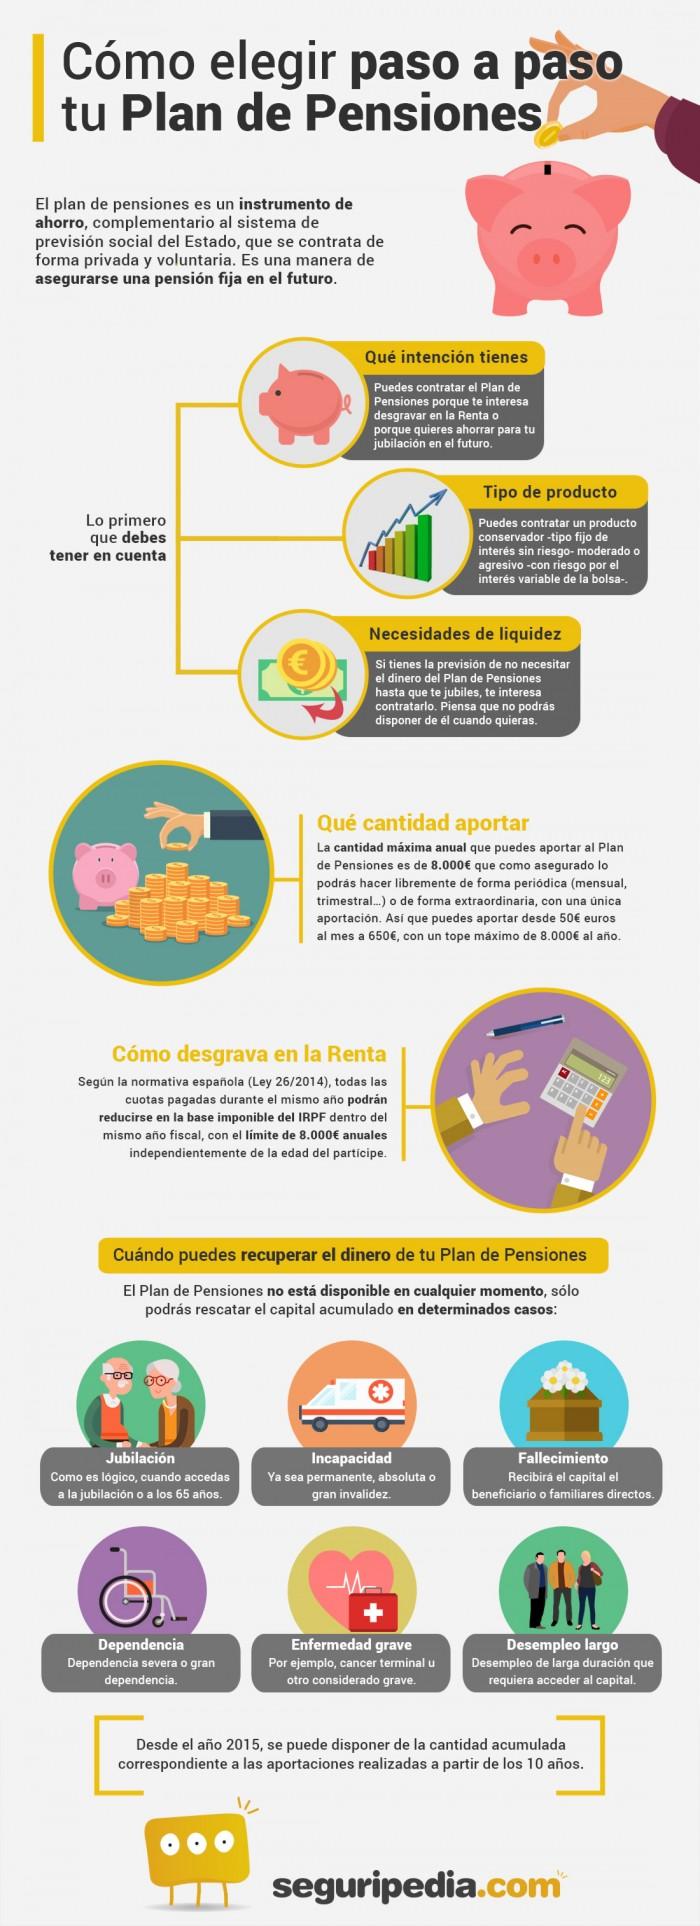 Infografía para elegir Plan de Pensiones